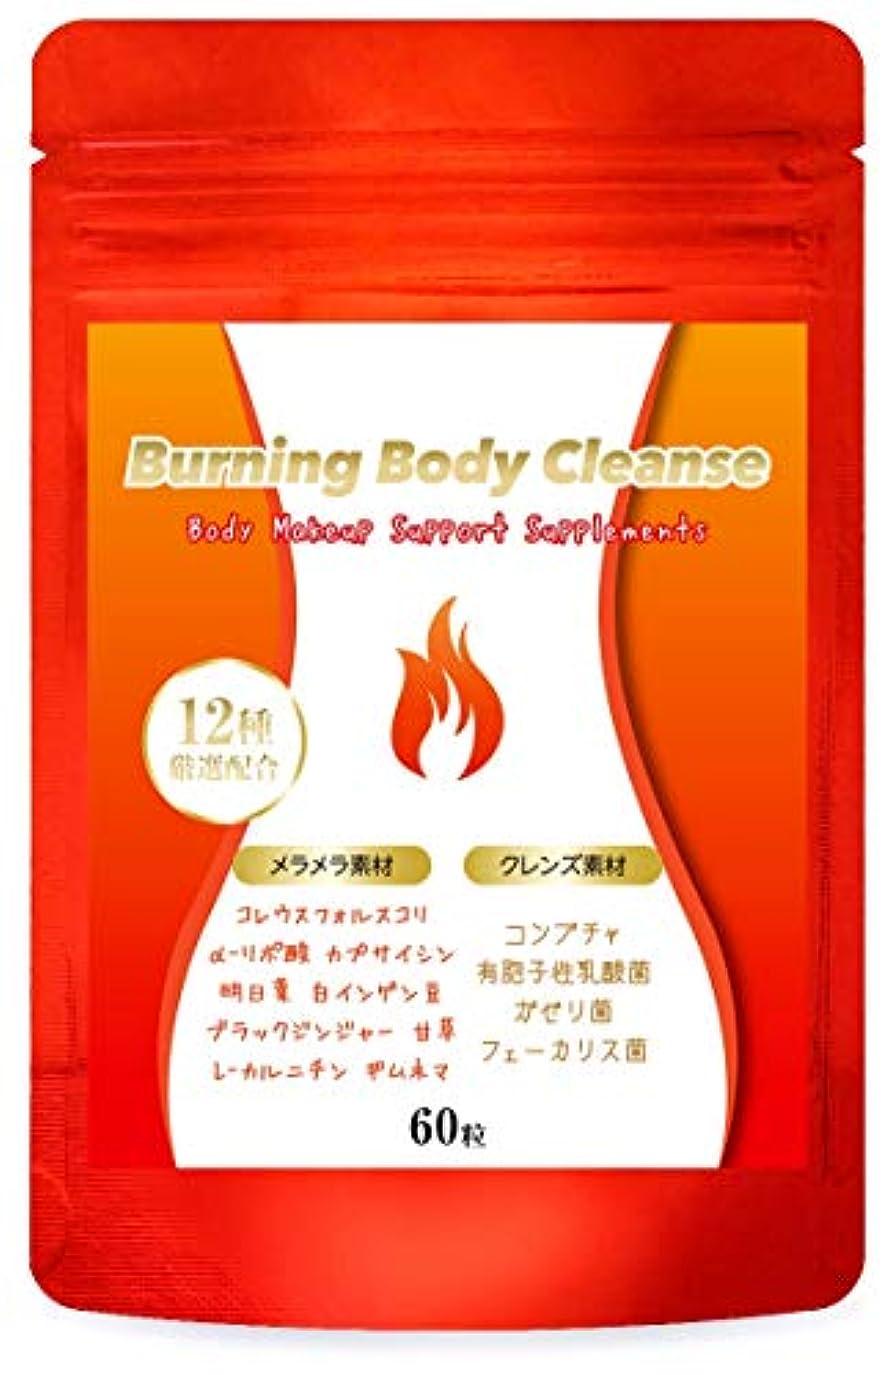 アドバンテージ悪夢発表ダイエット サプリ Burning Body Cleanse 燃焼系 サプリメント コンブチャ クレンズ スリム 美ボディ サポート 60粒/30日分